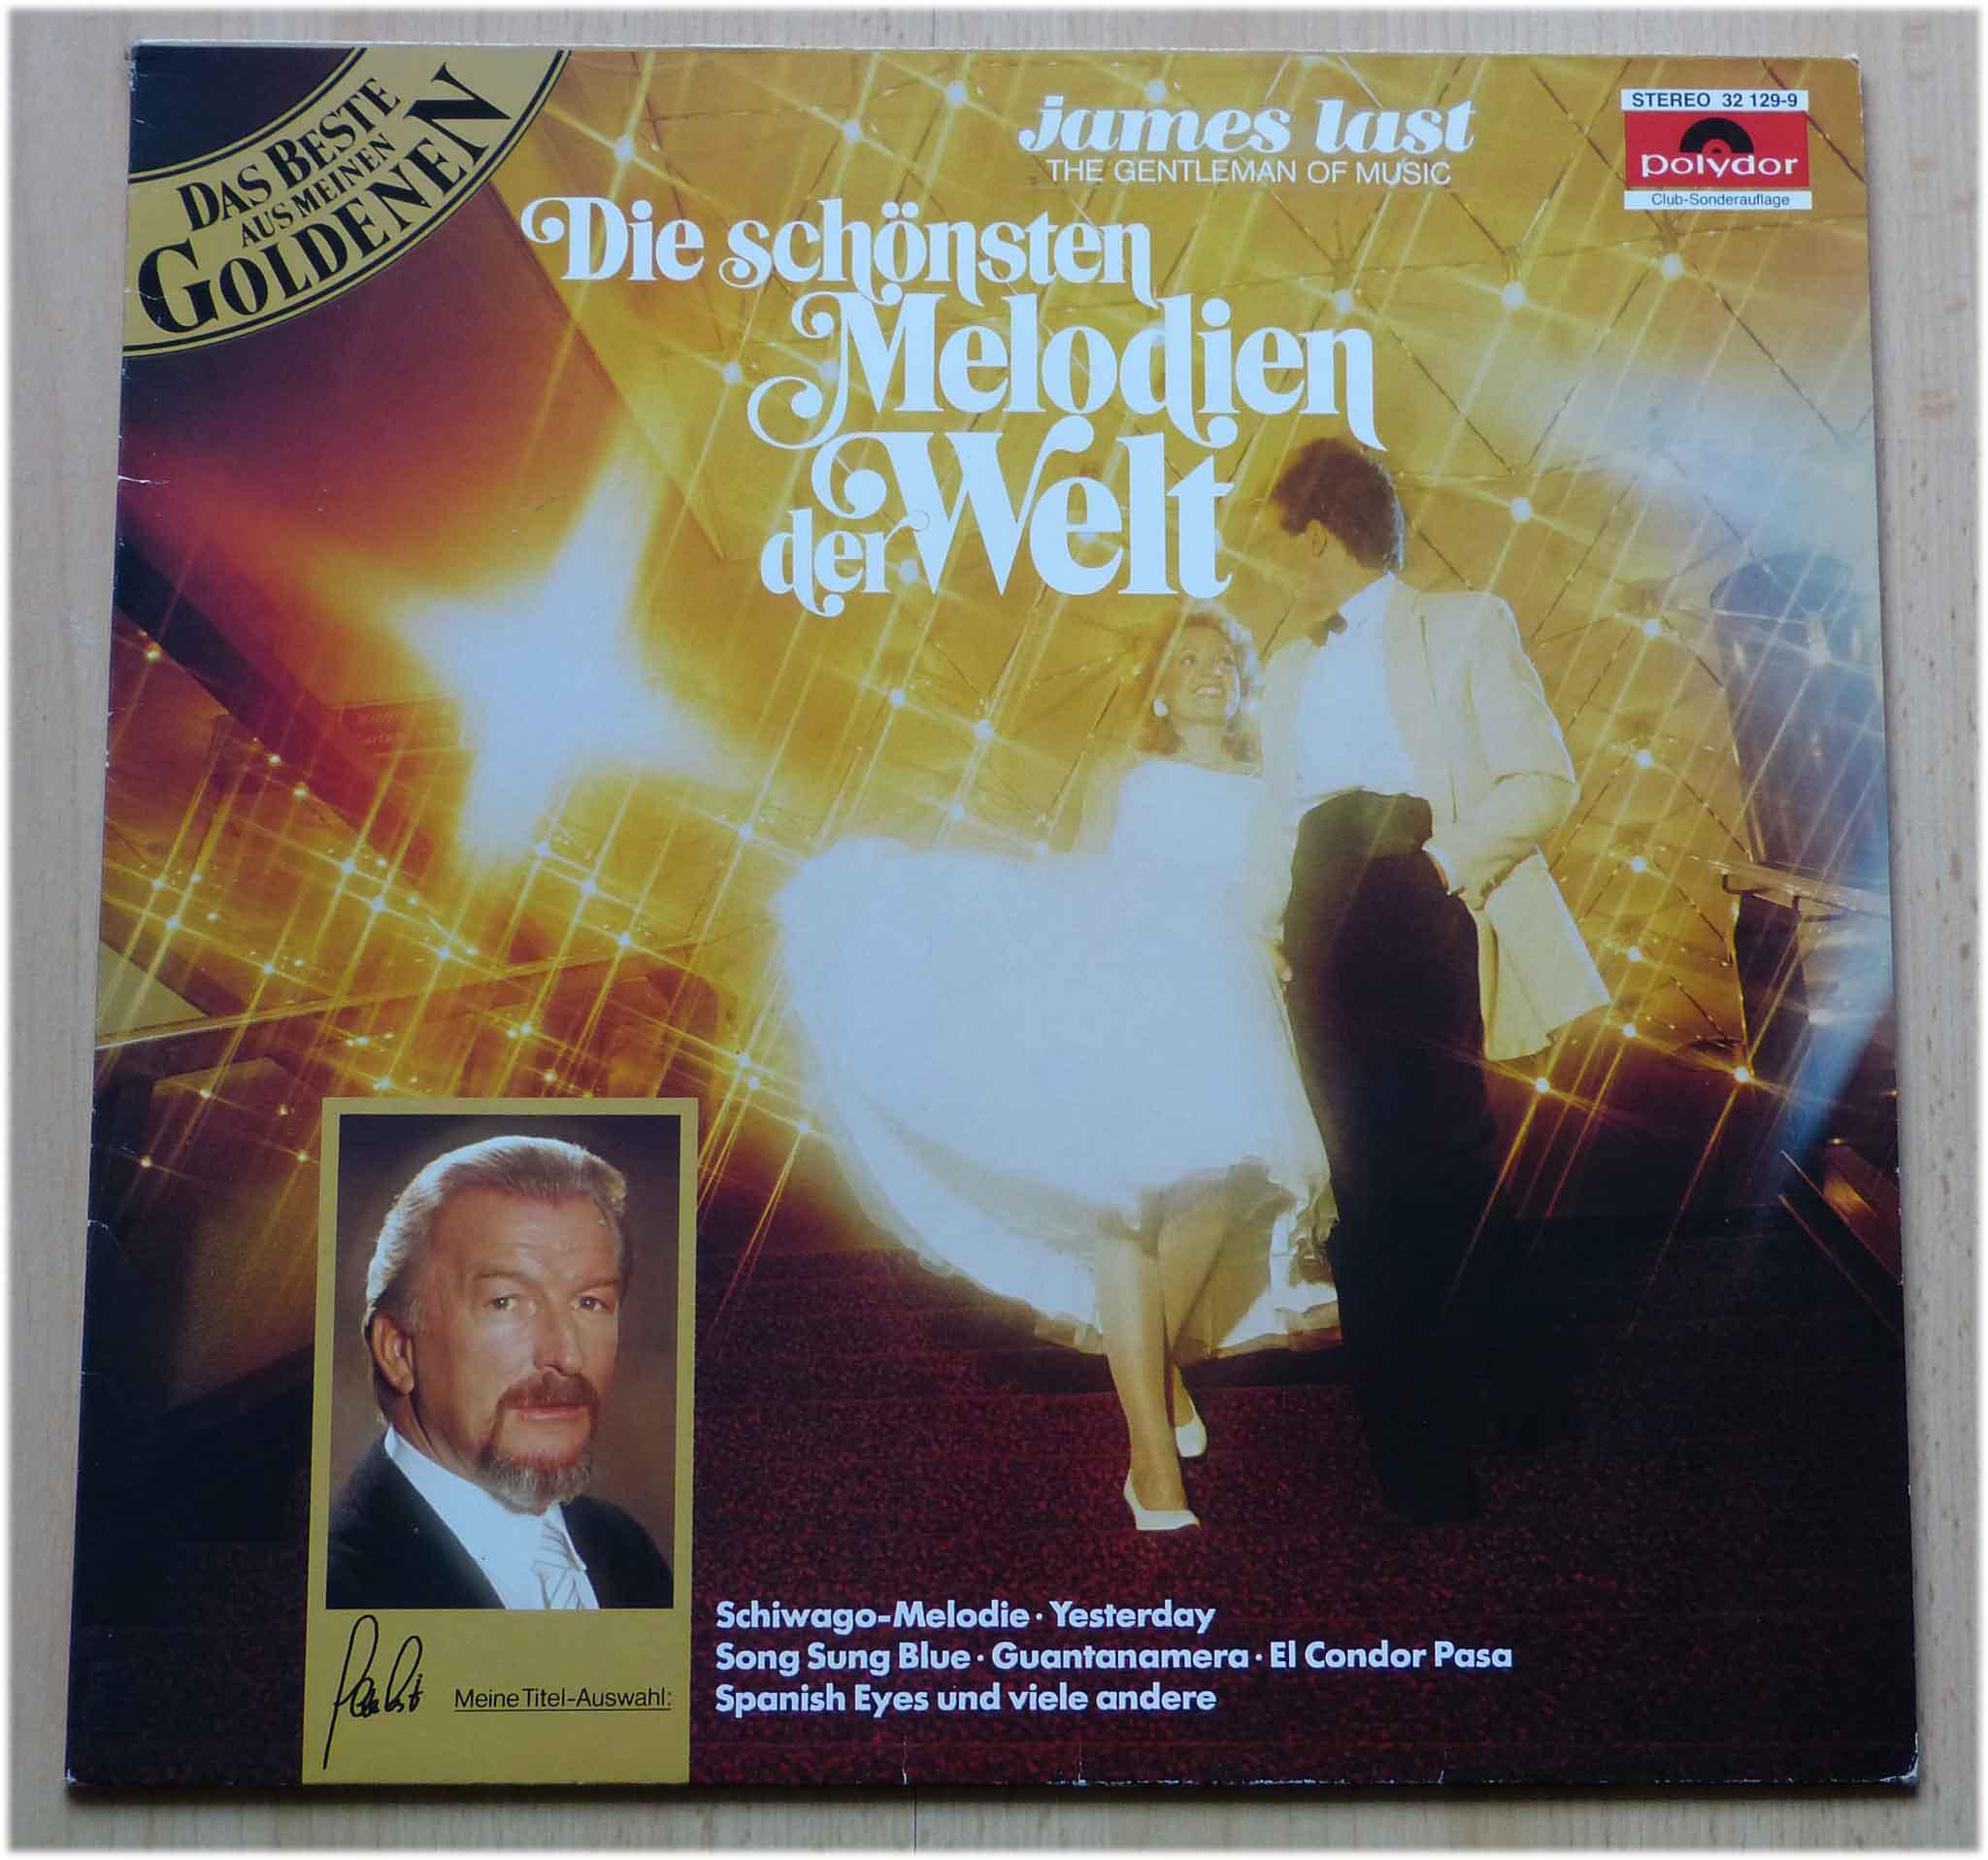 James Last - Die schönsten Melodien der Welt